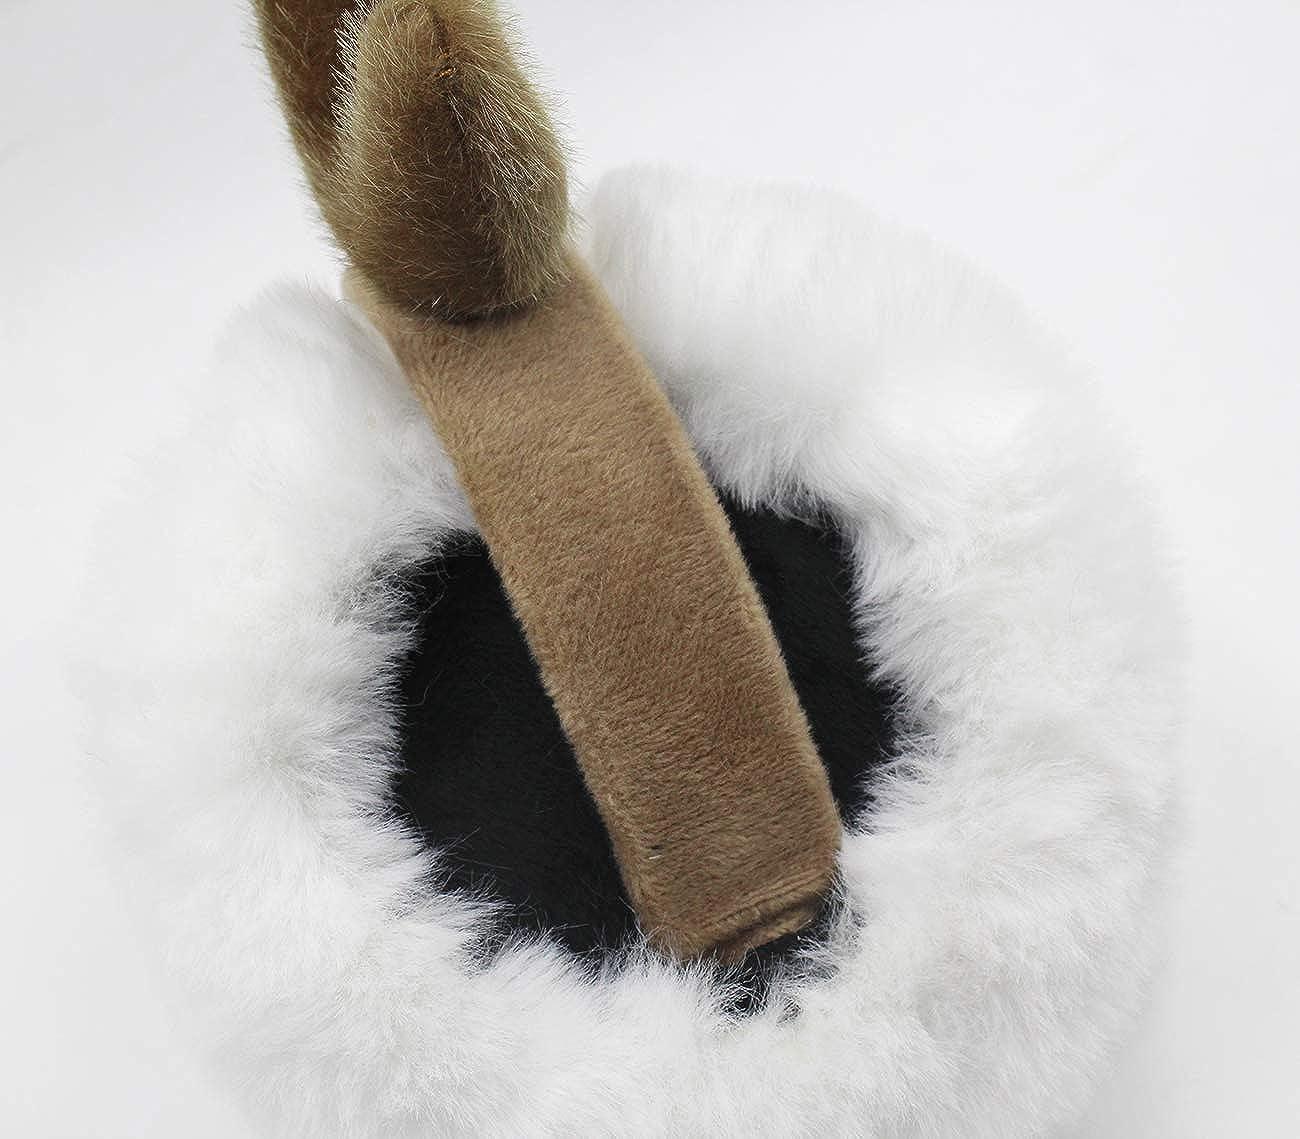 Aibearty Foldable Women Winter Ear Muffs Cute Elk Deer Ear Warmer Soft Plush Earmuffs